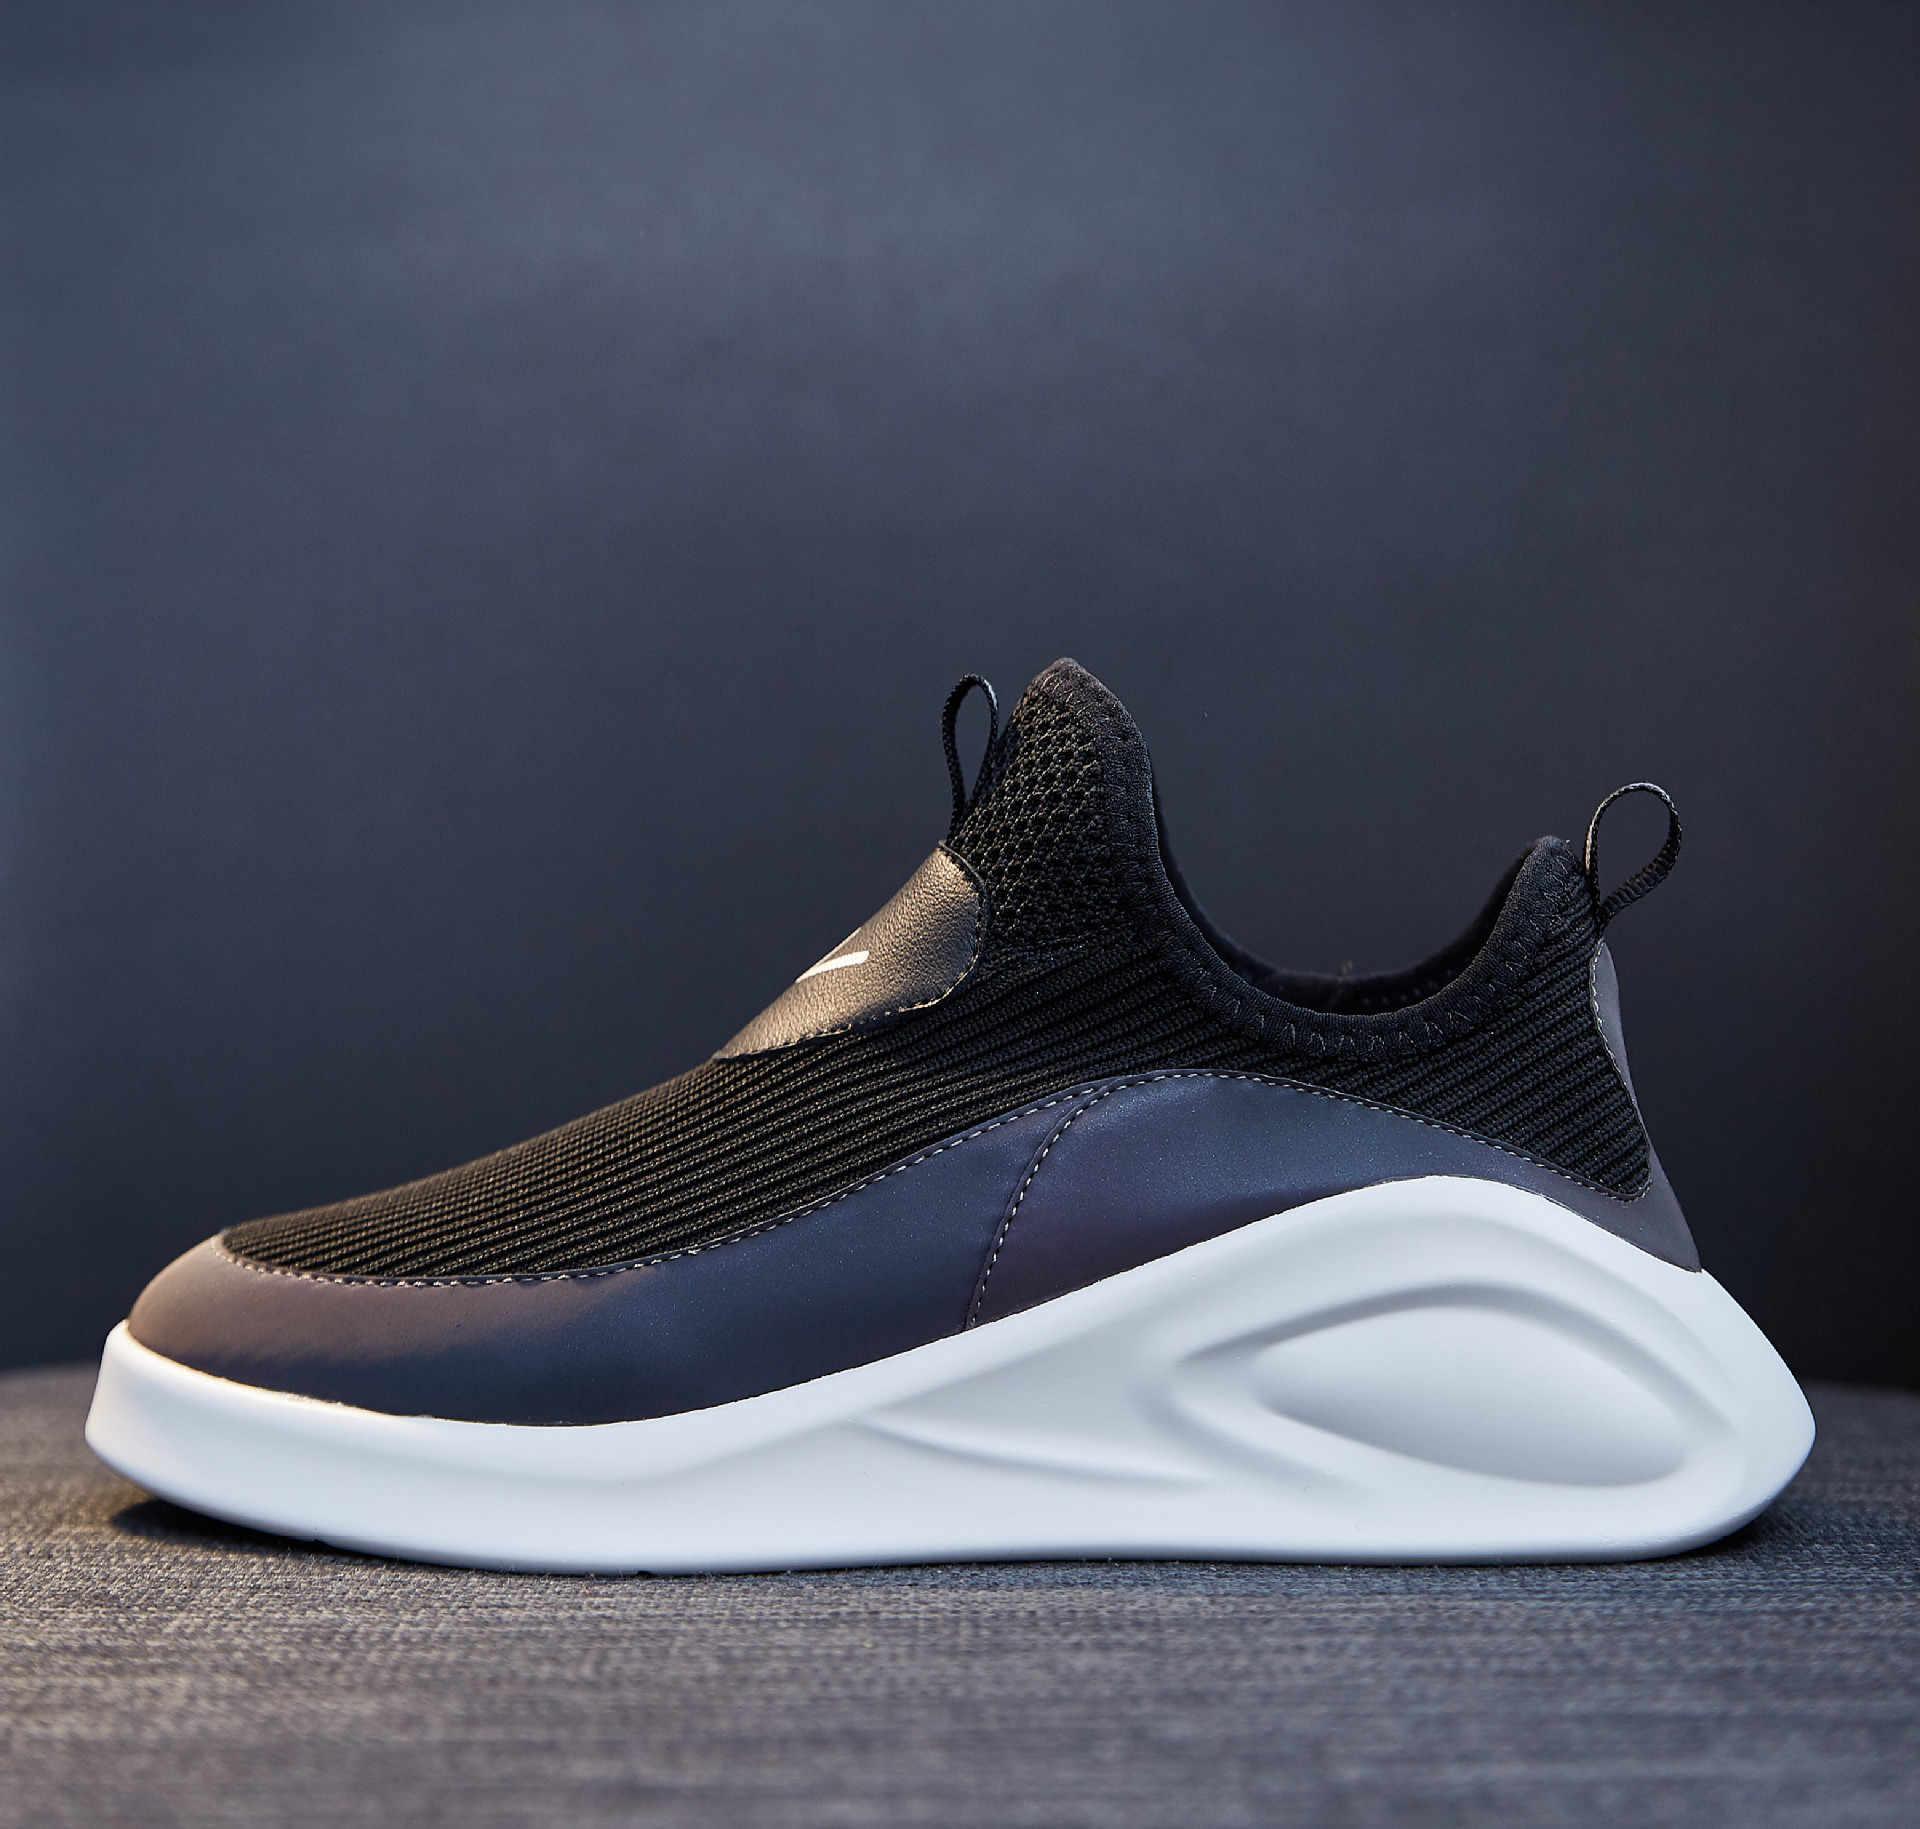 2019 wiosna nowych kobiet nowej buty wulkanizowane mody dzikie dorywczo buty sportowe kobiet wygodna oddychająca siateczka buty damskie